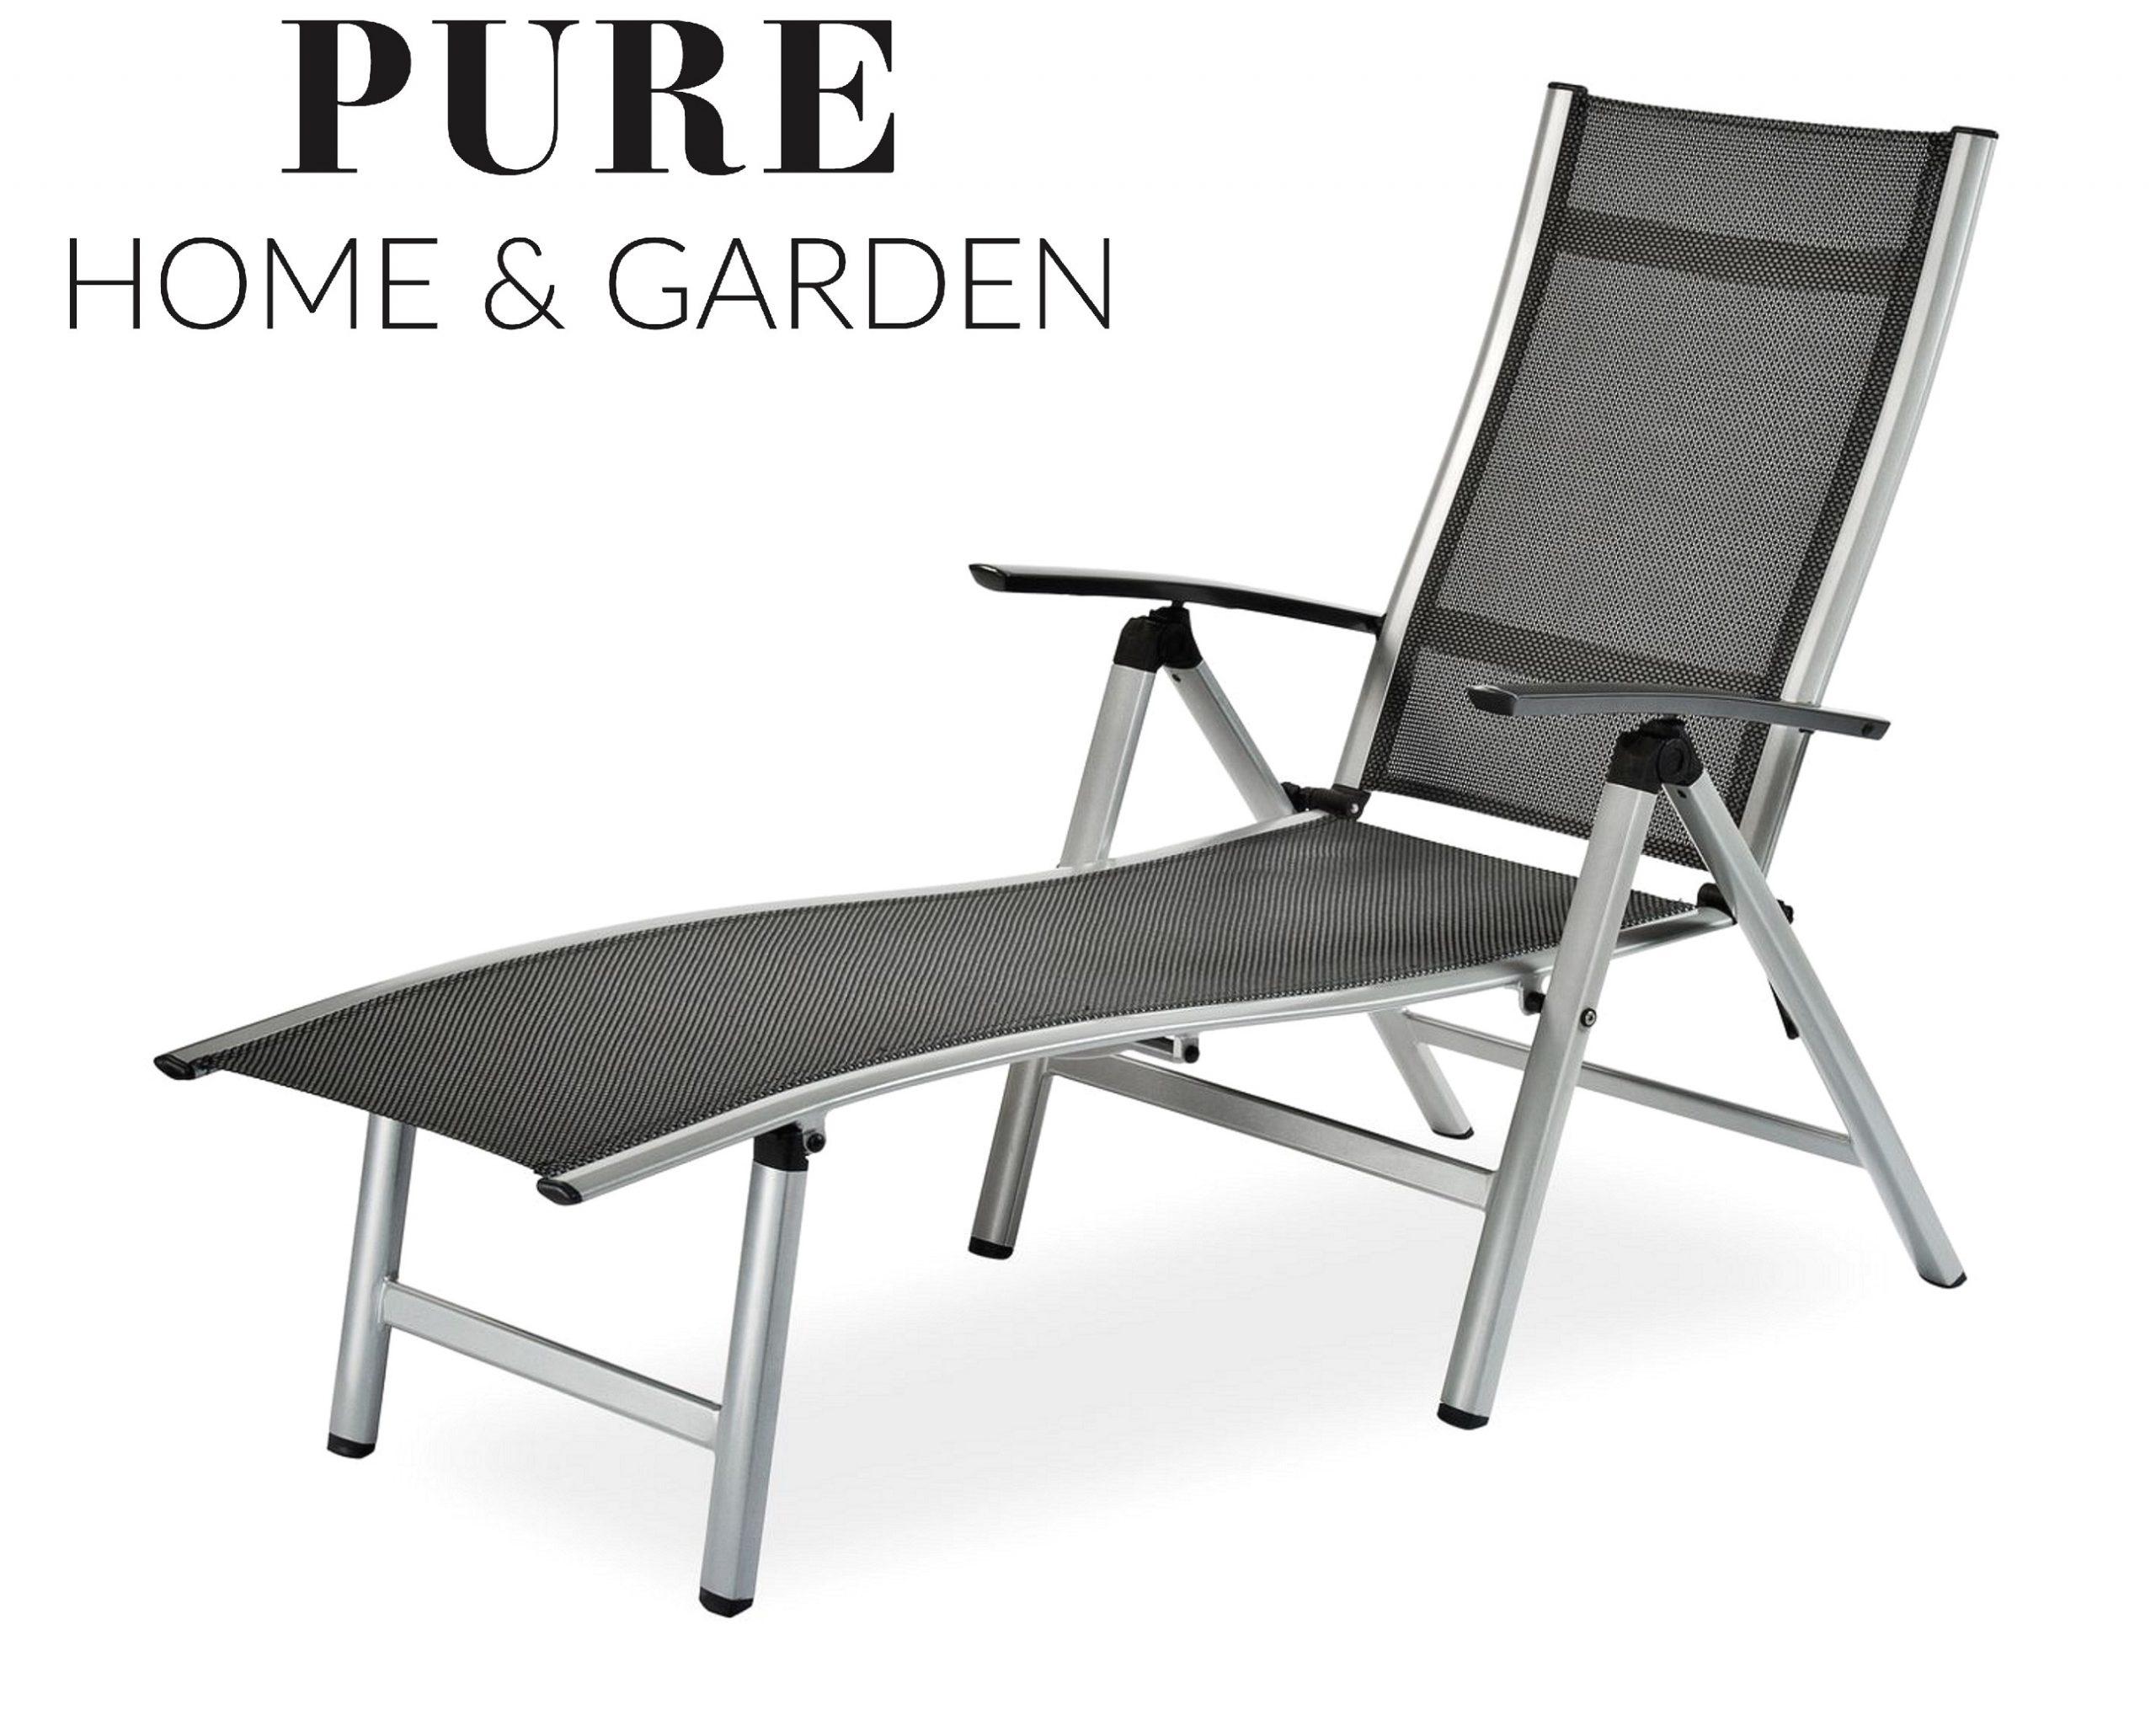 Full Size of Sonnenliege Aldi Gartenliege Alu Rollen Relaxsessel Garten Wohnzimmer Auflage Wohnzimmer Sonnenliege Aldi